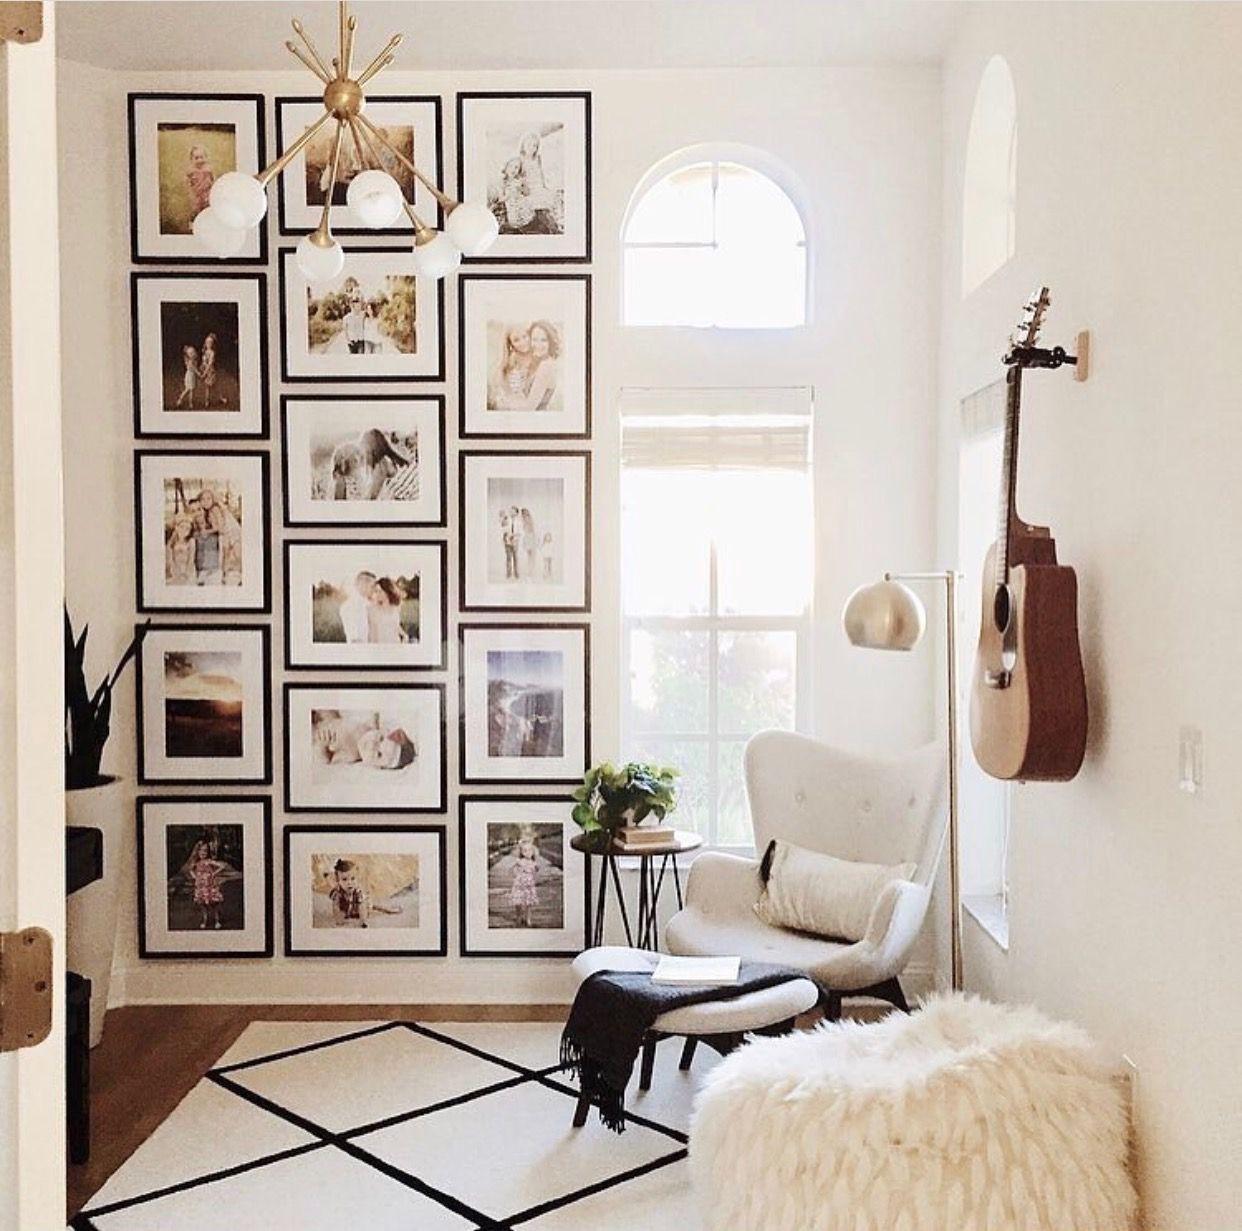 11 Daunting Natural Home Decor Minimal Ideas La Casa De